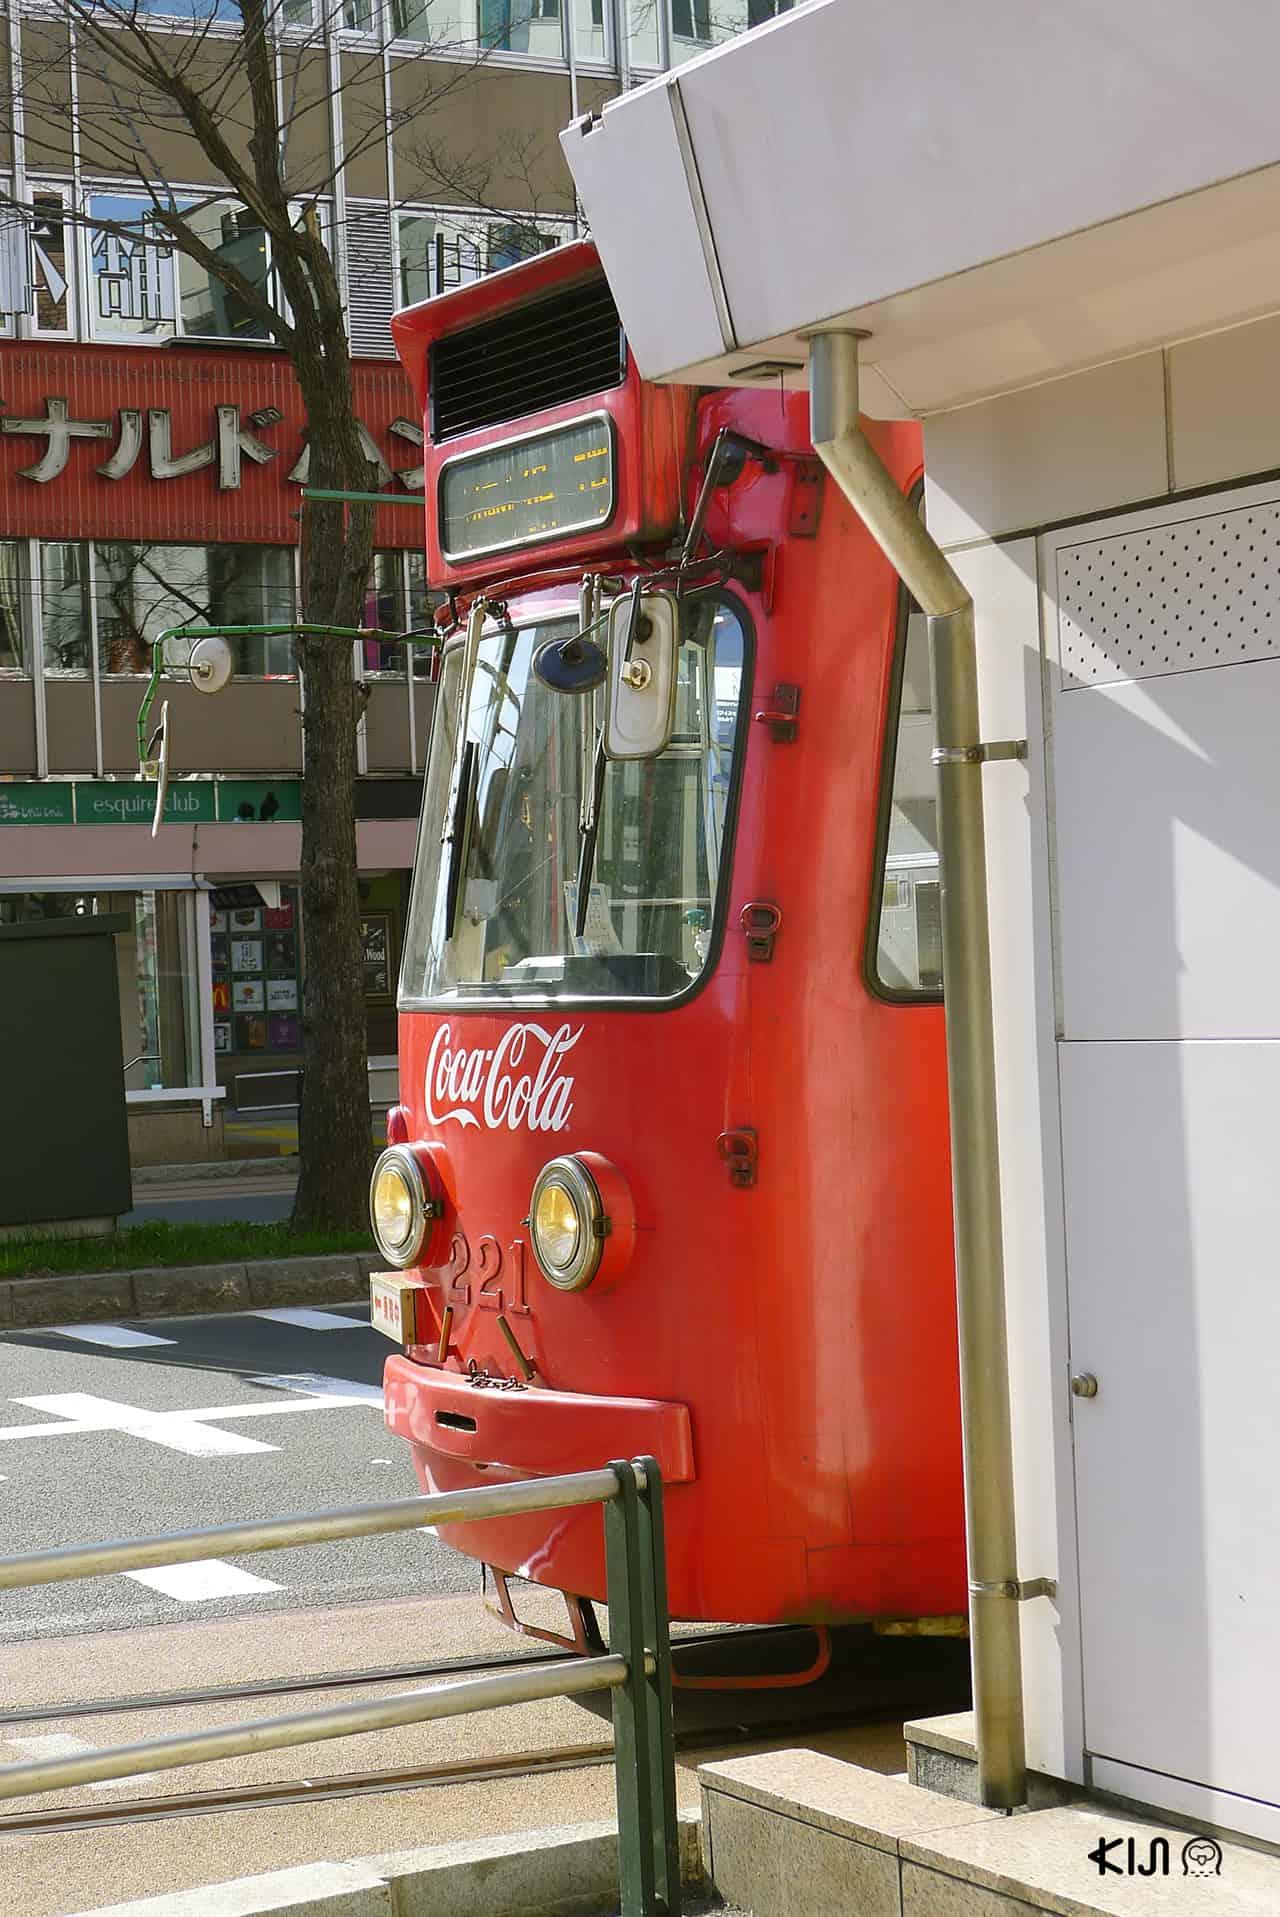 รถราง ญี่ปุ่น - รถรางรุ่น Retro ที่ซัปโปโร